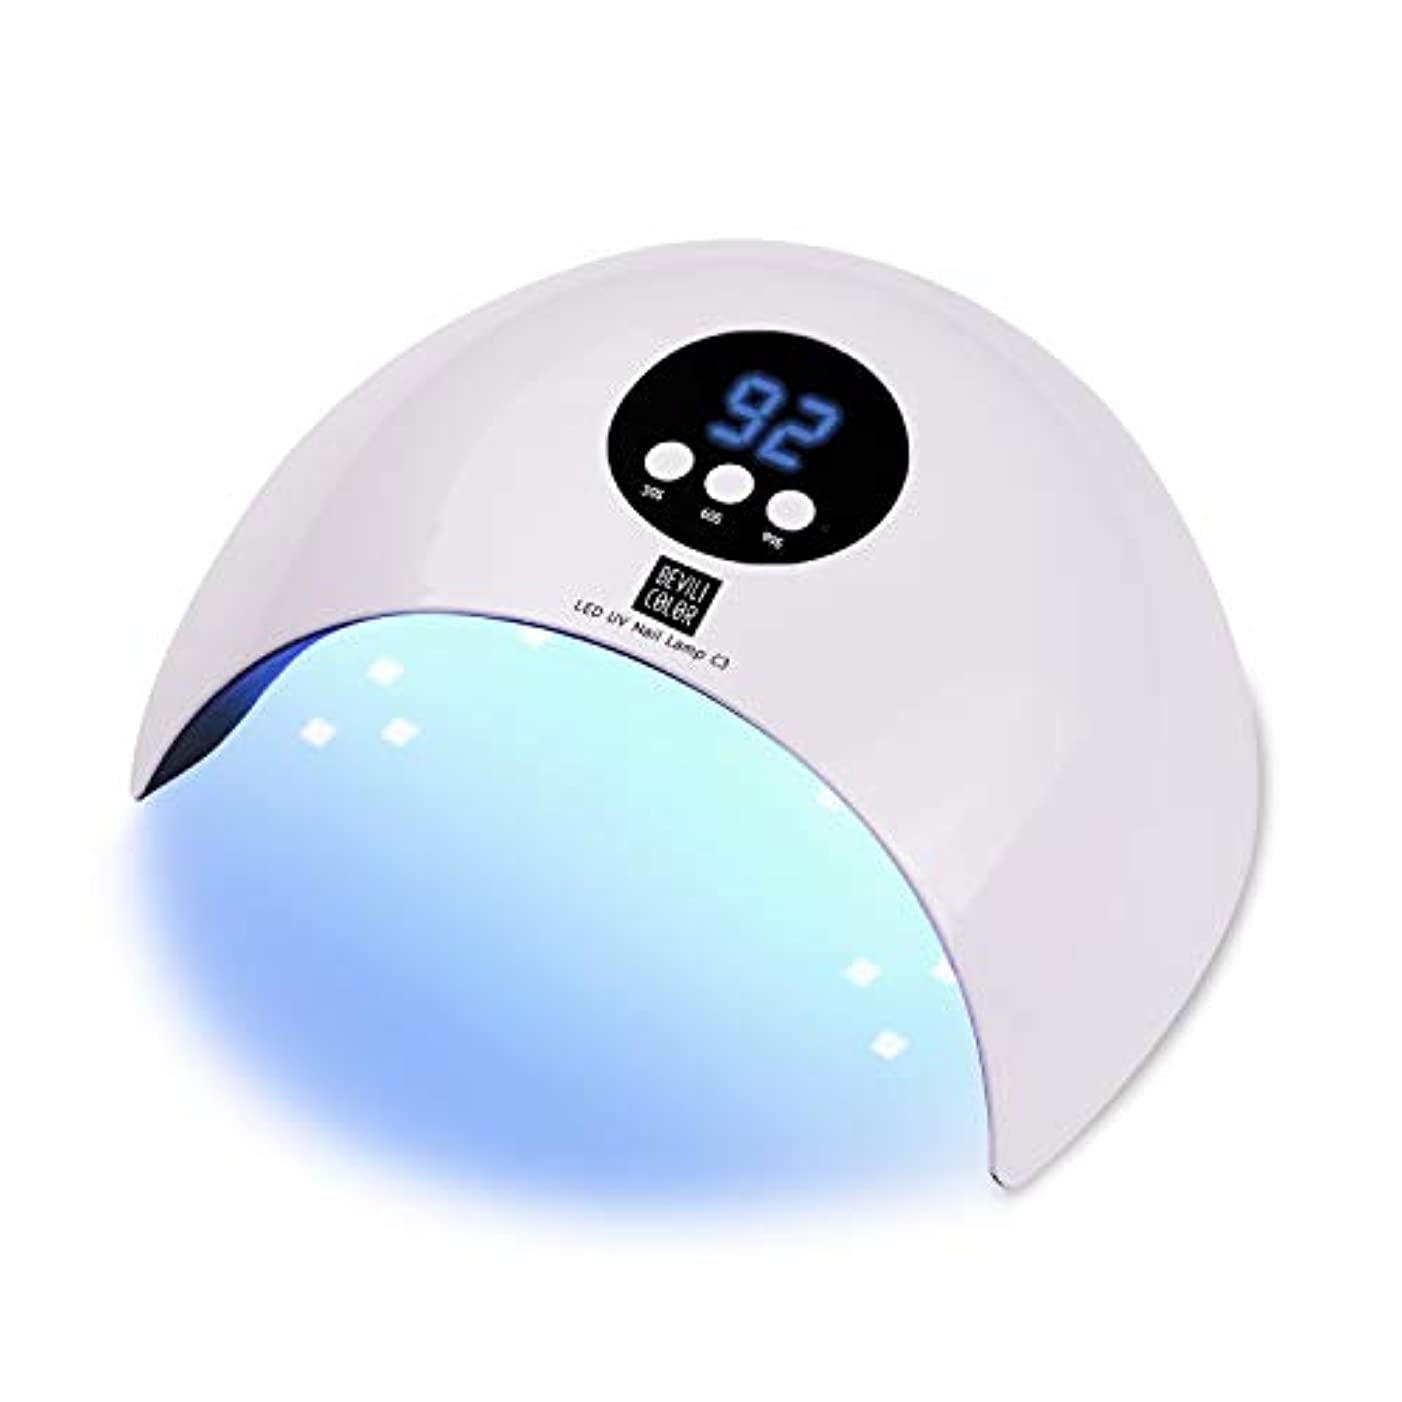 社会学いっぱい結婚式硬化ライト UVライト ネイルドライヤー LED硬化ライト 自動センサー付き 3段階タイマー設定 36w高速硬化ジェルネイルライト ジェルネイル用 液晶ディスプレー (ホワイト)